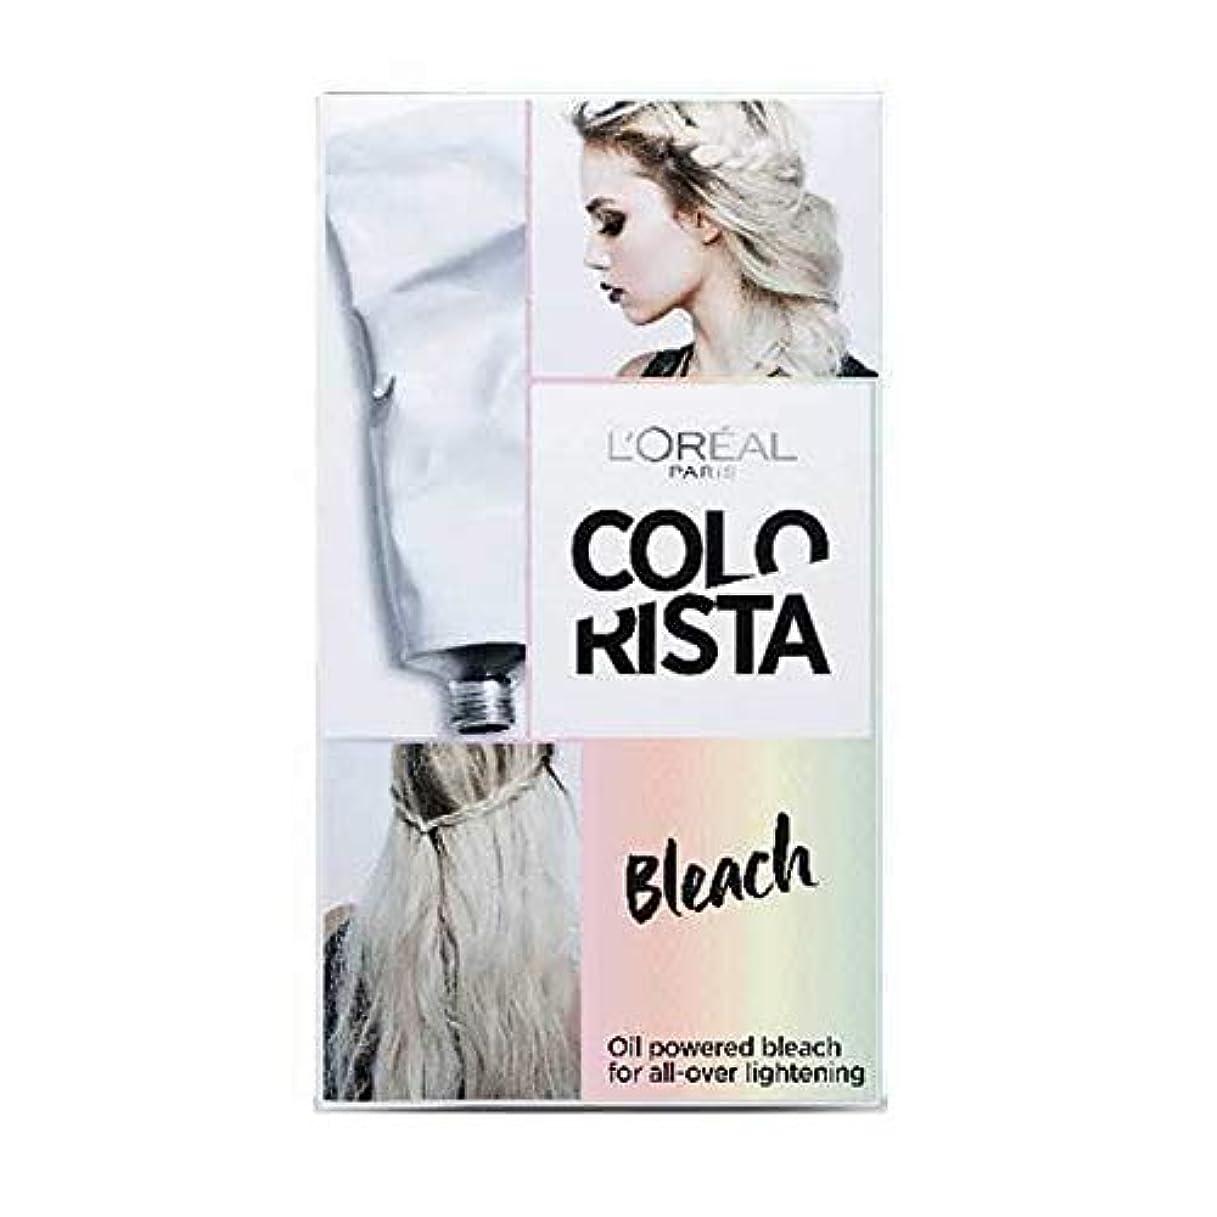 蓮感性ロケット[Colorista] Colorista効果ブリーチ毛 - Colorista Effect Bleach Hair [並行輸入品]